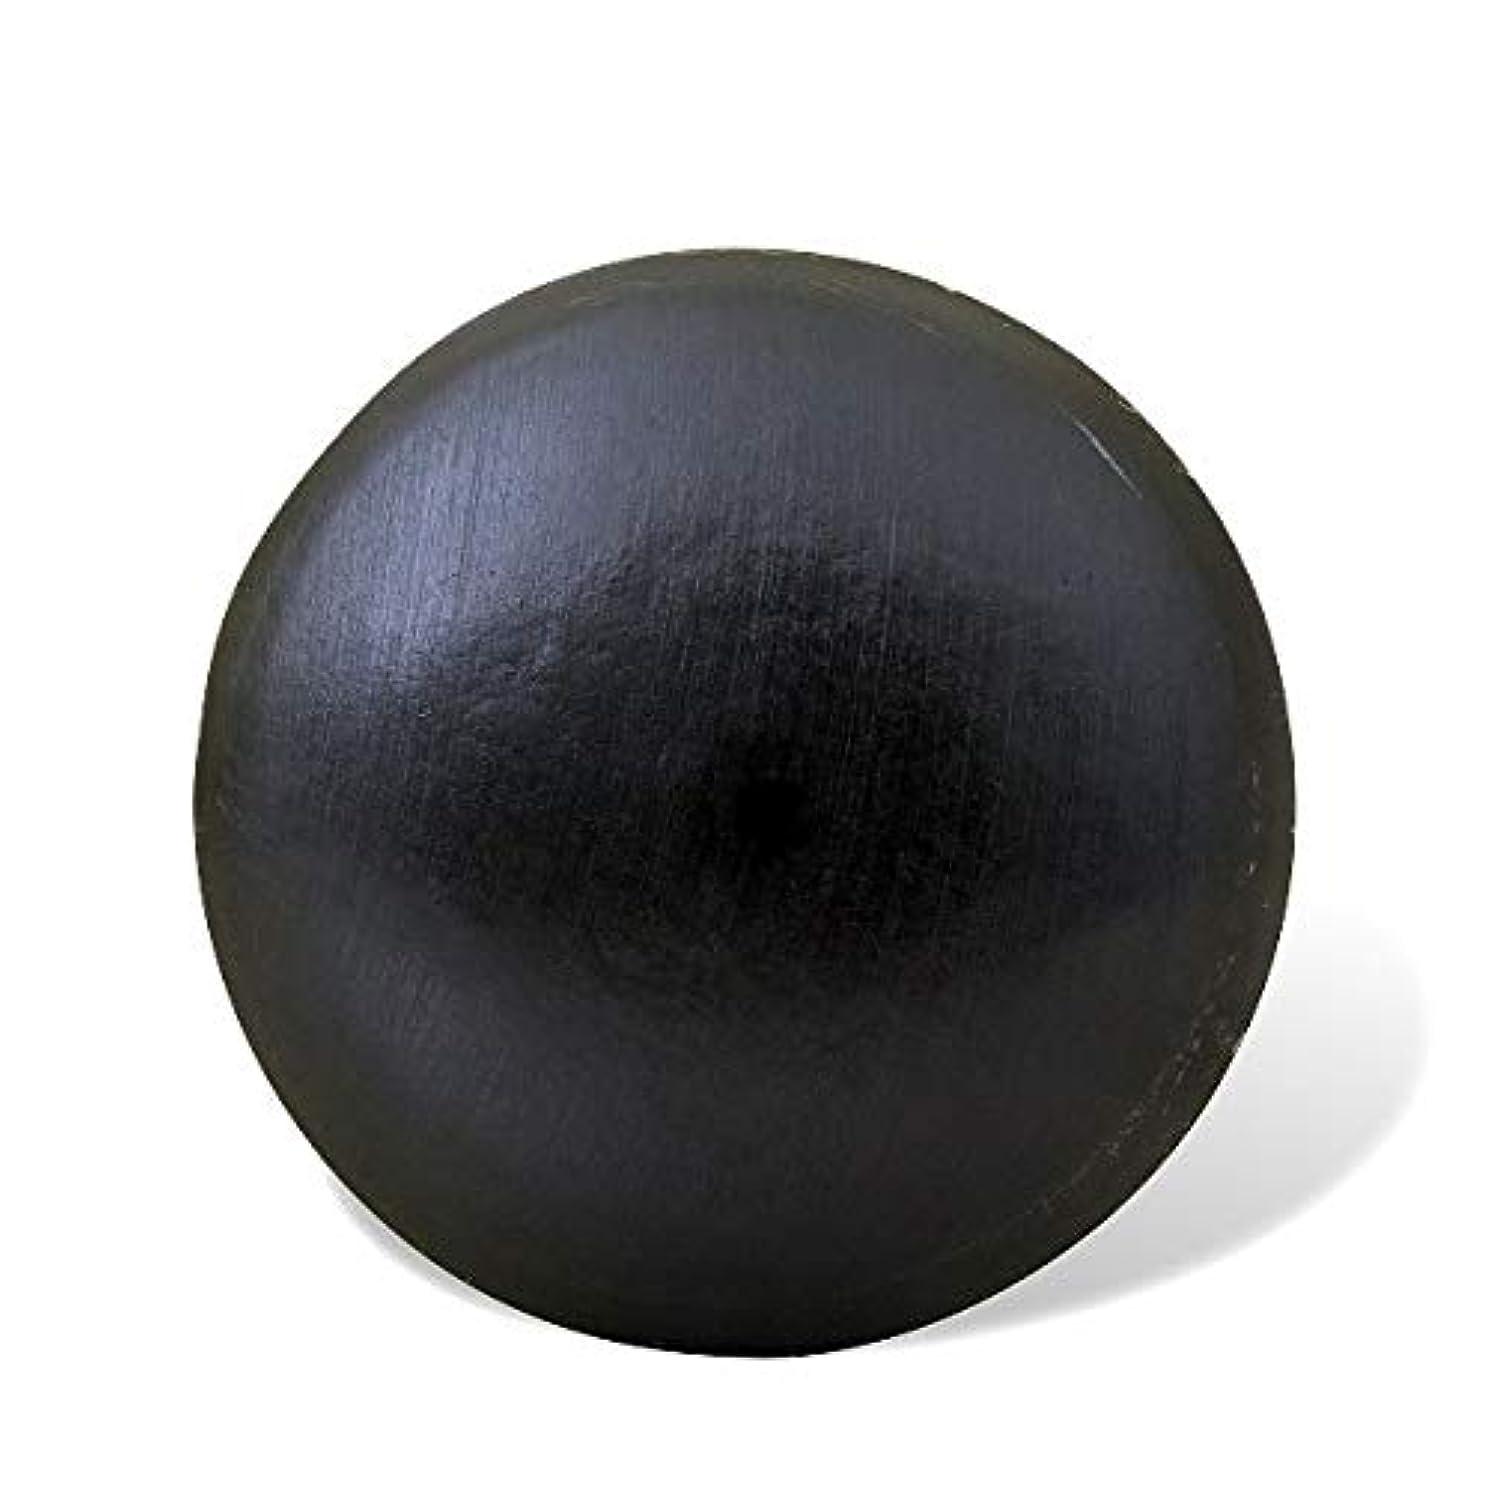 ファイナンスタッチ円形の井上誠耕園 釜焚きオリーブ石鹸(洗顔用) 100g×3個セット